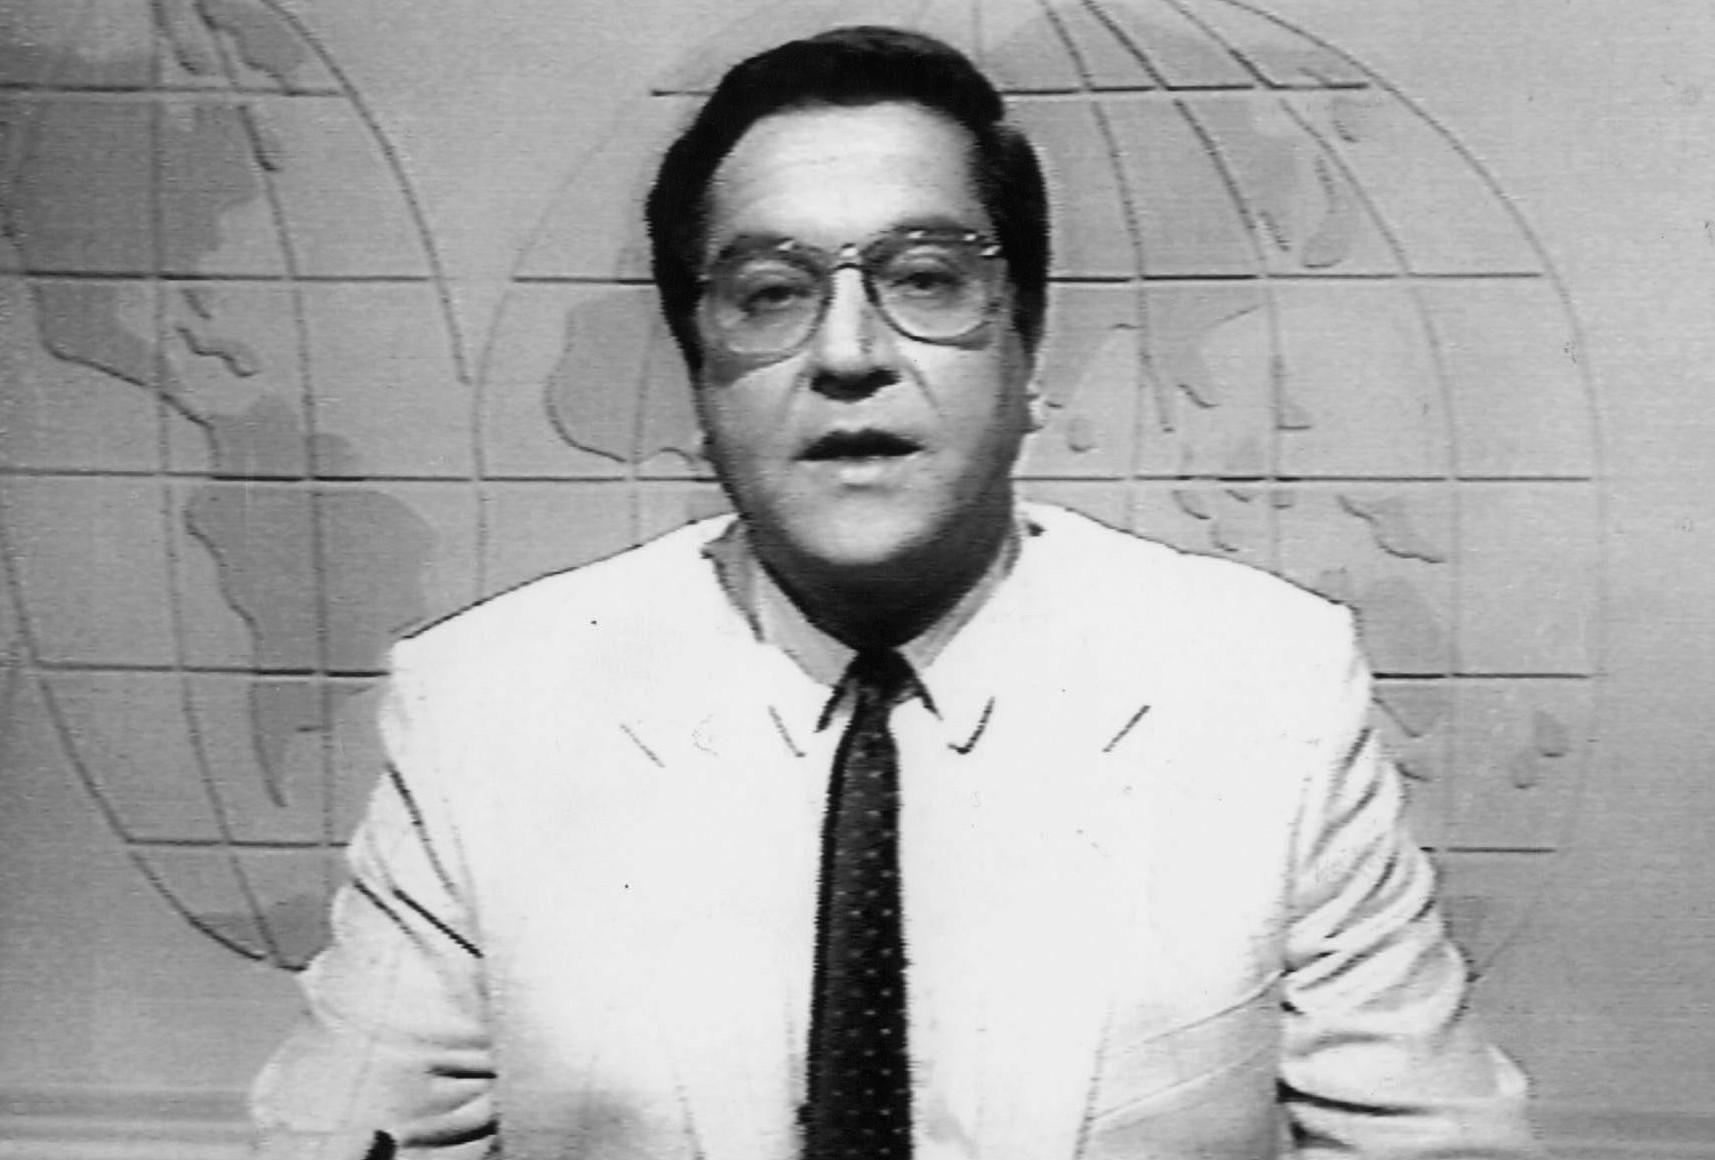 יעקב אחימאיר, שנות ה-70. צילום: ערוץ 1